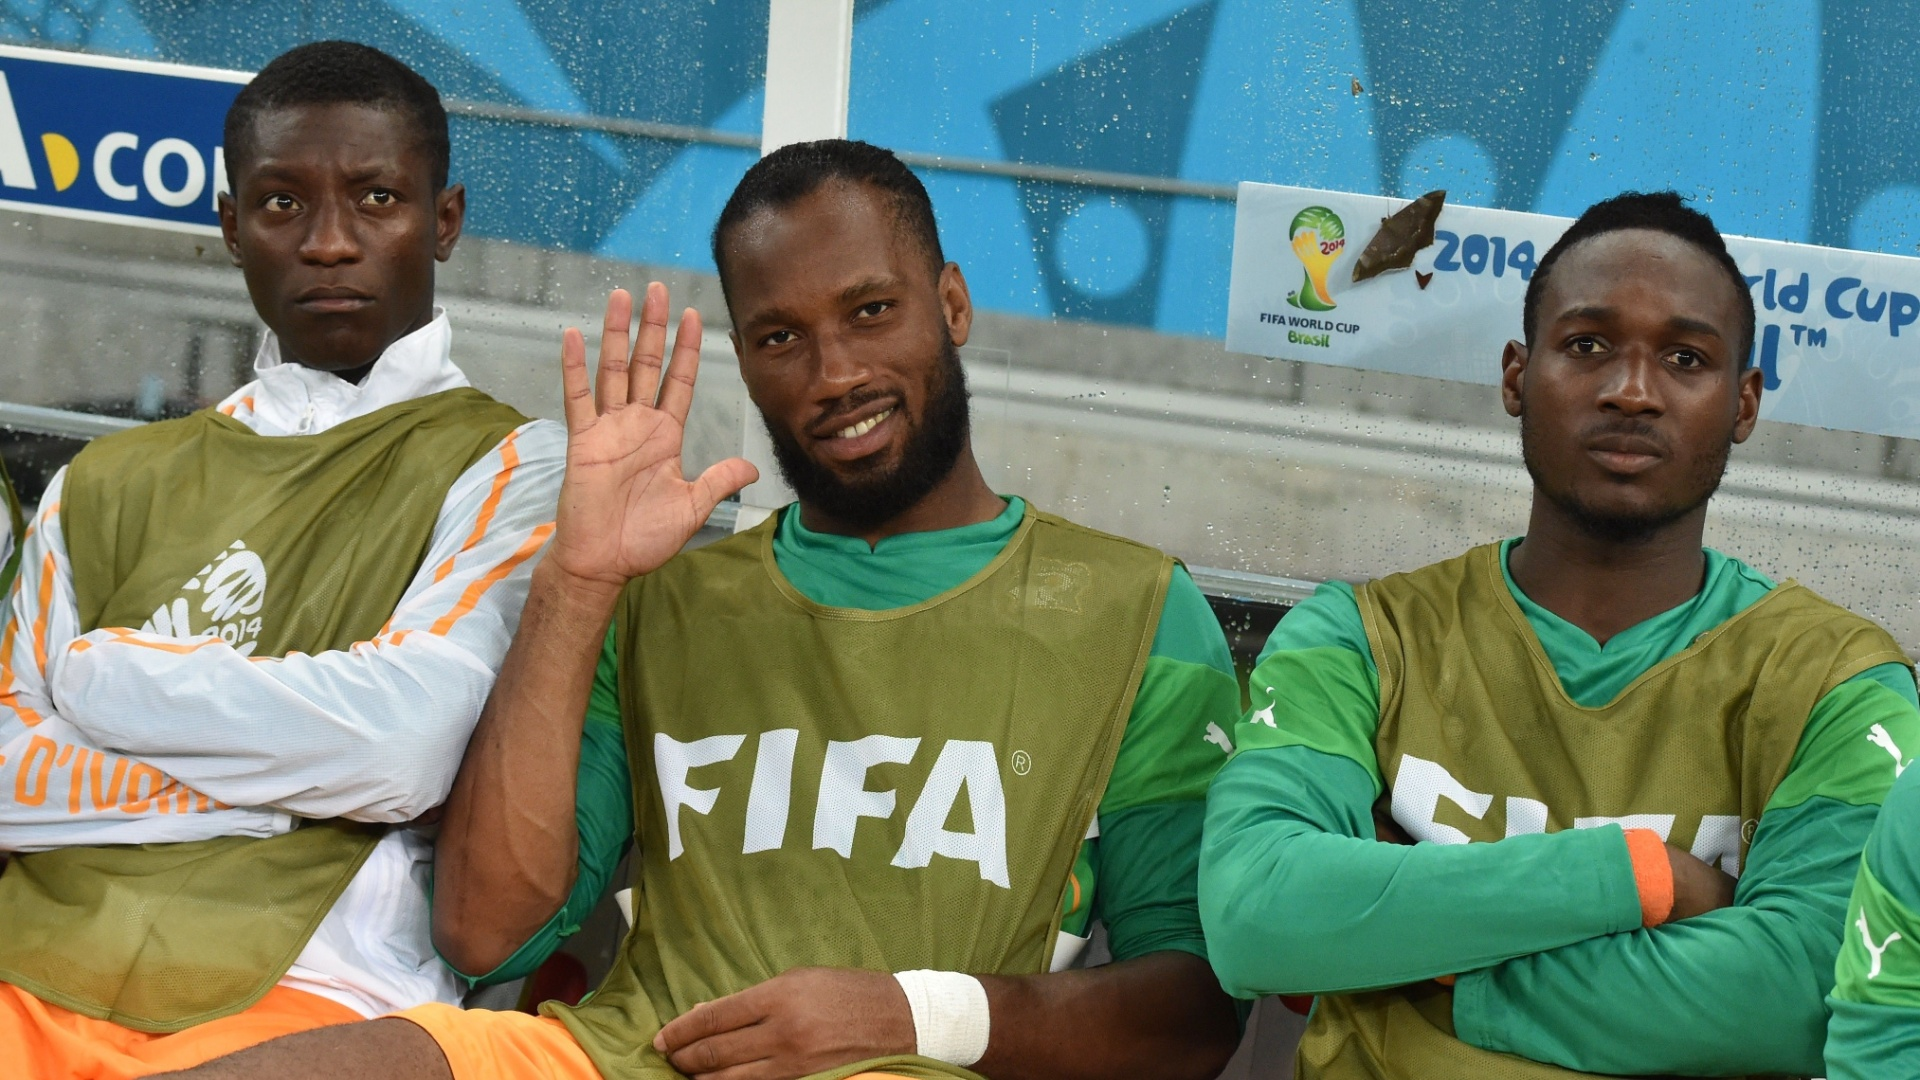 Atacante Didier Drogba começou a partida contra o Japão no banco de reservas